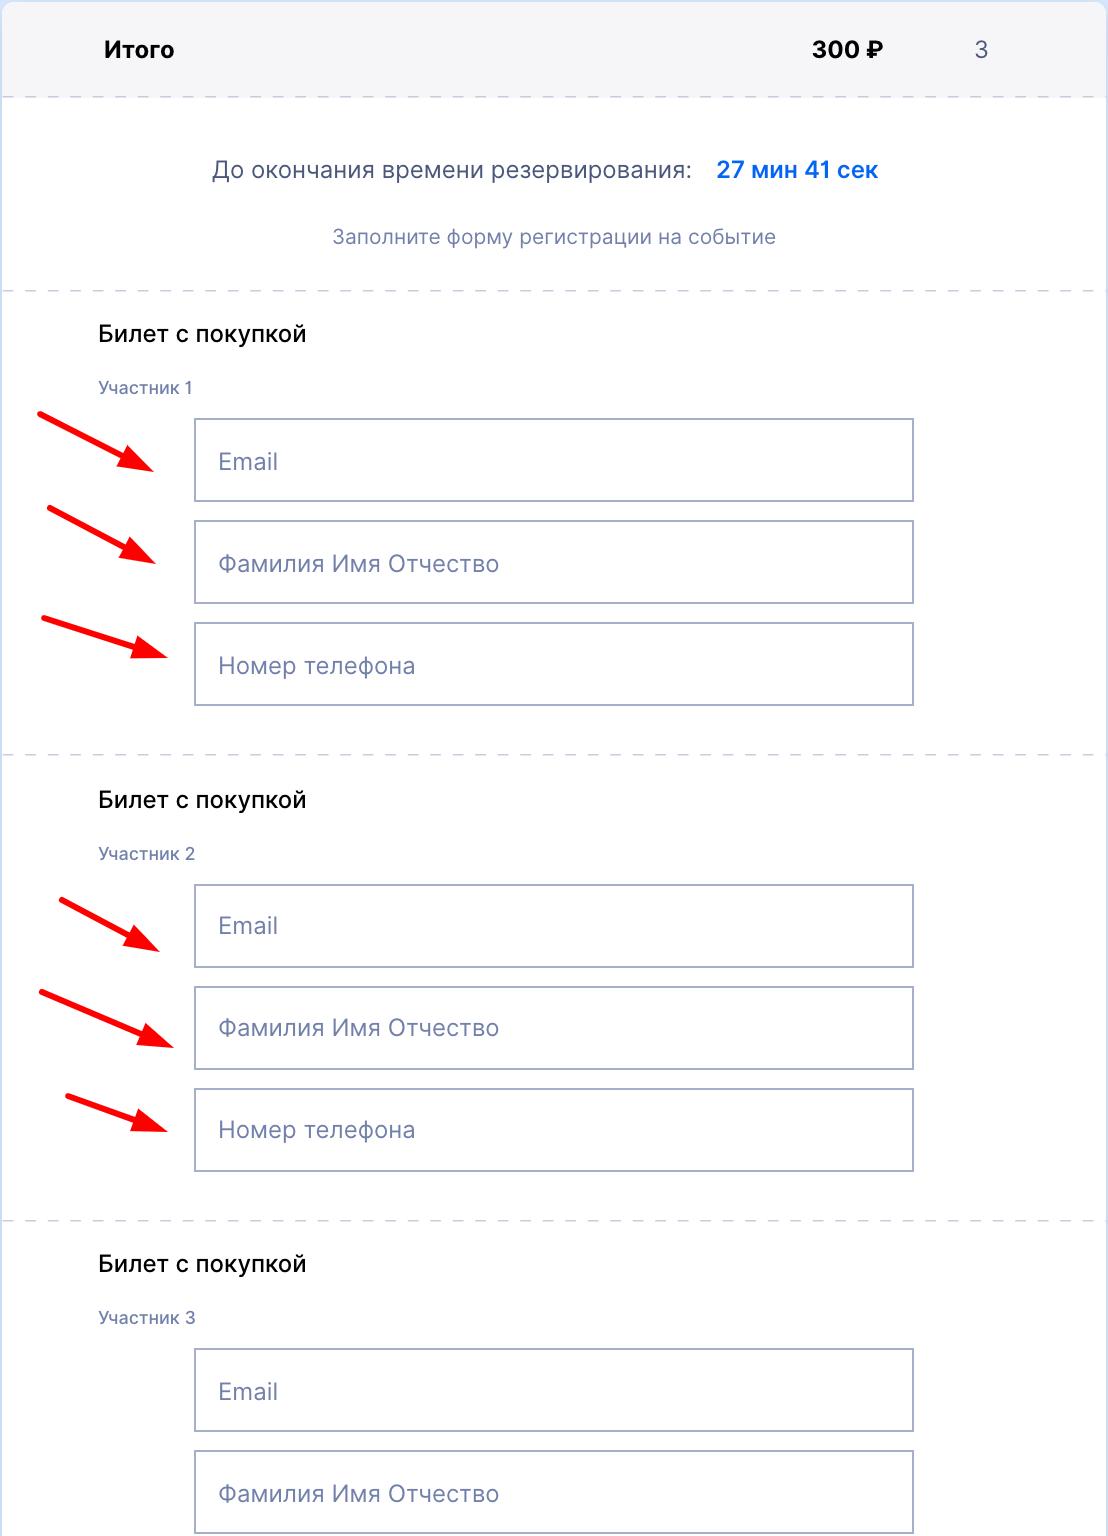 Как сделать отдельную регистрацию для каждого участника при покупке нескольких билетов?